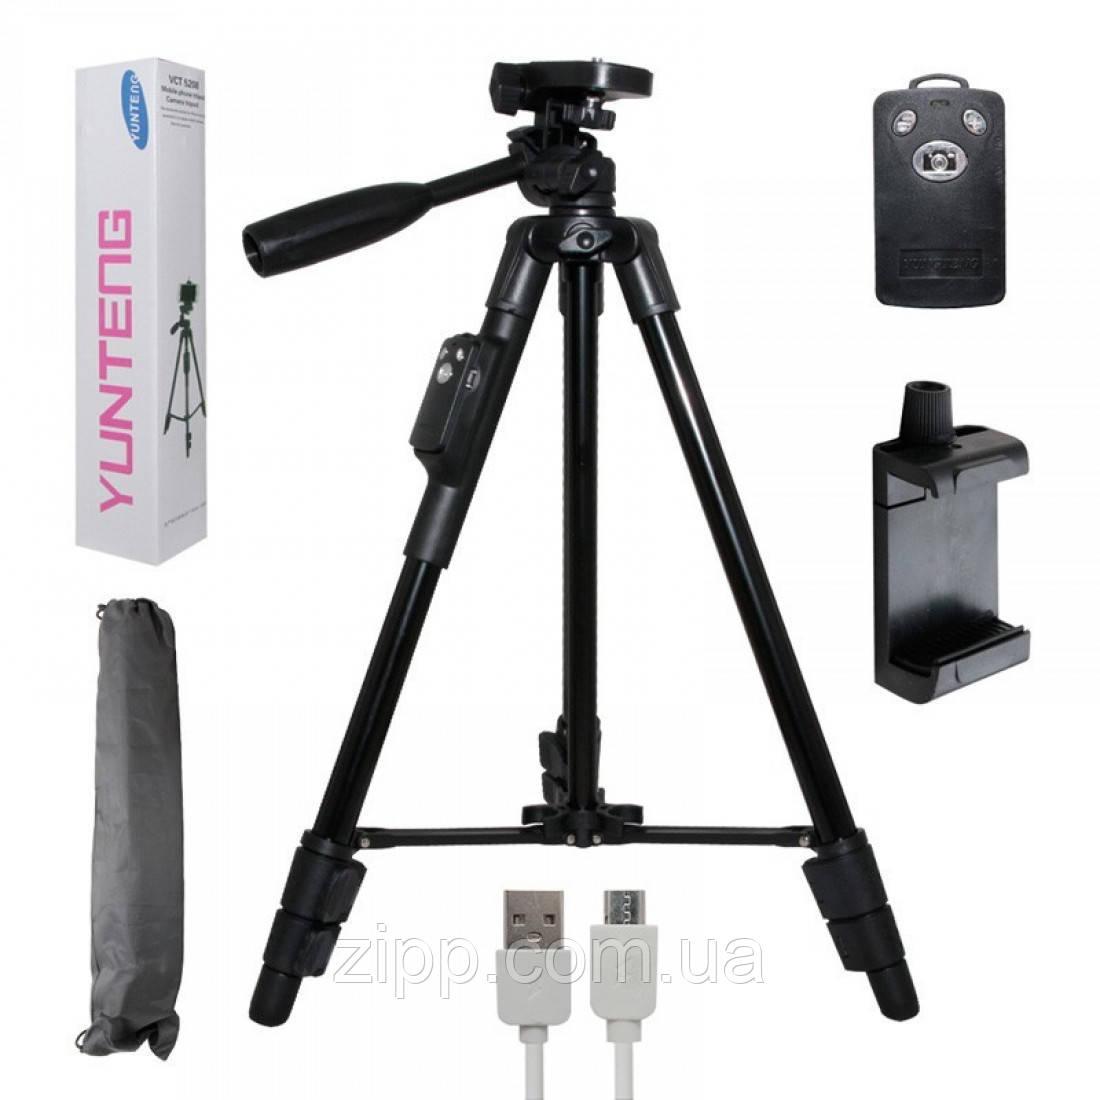 Штатив Yunteng VCT 5208  Штатив для телефона, камеры  Поворотный штатив с пультом  Высокий штатив для телефона